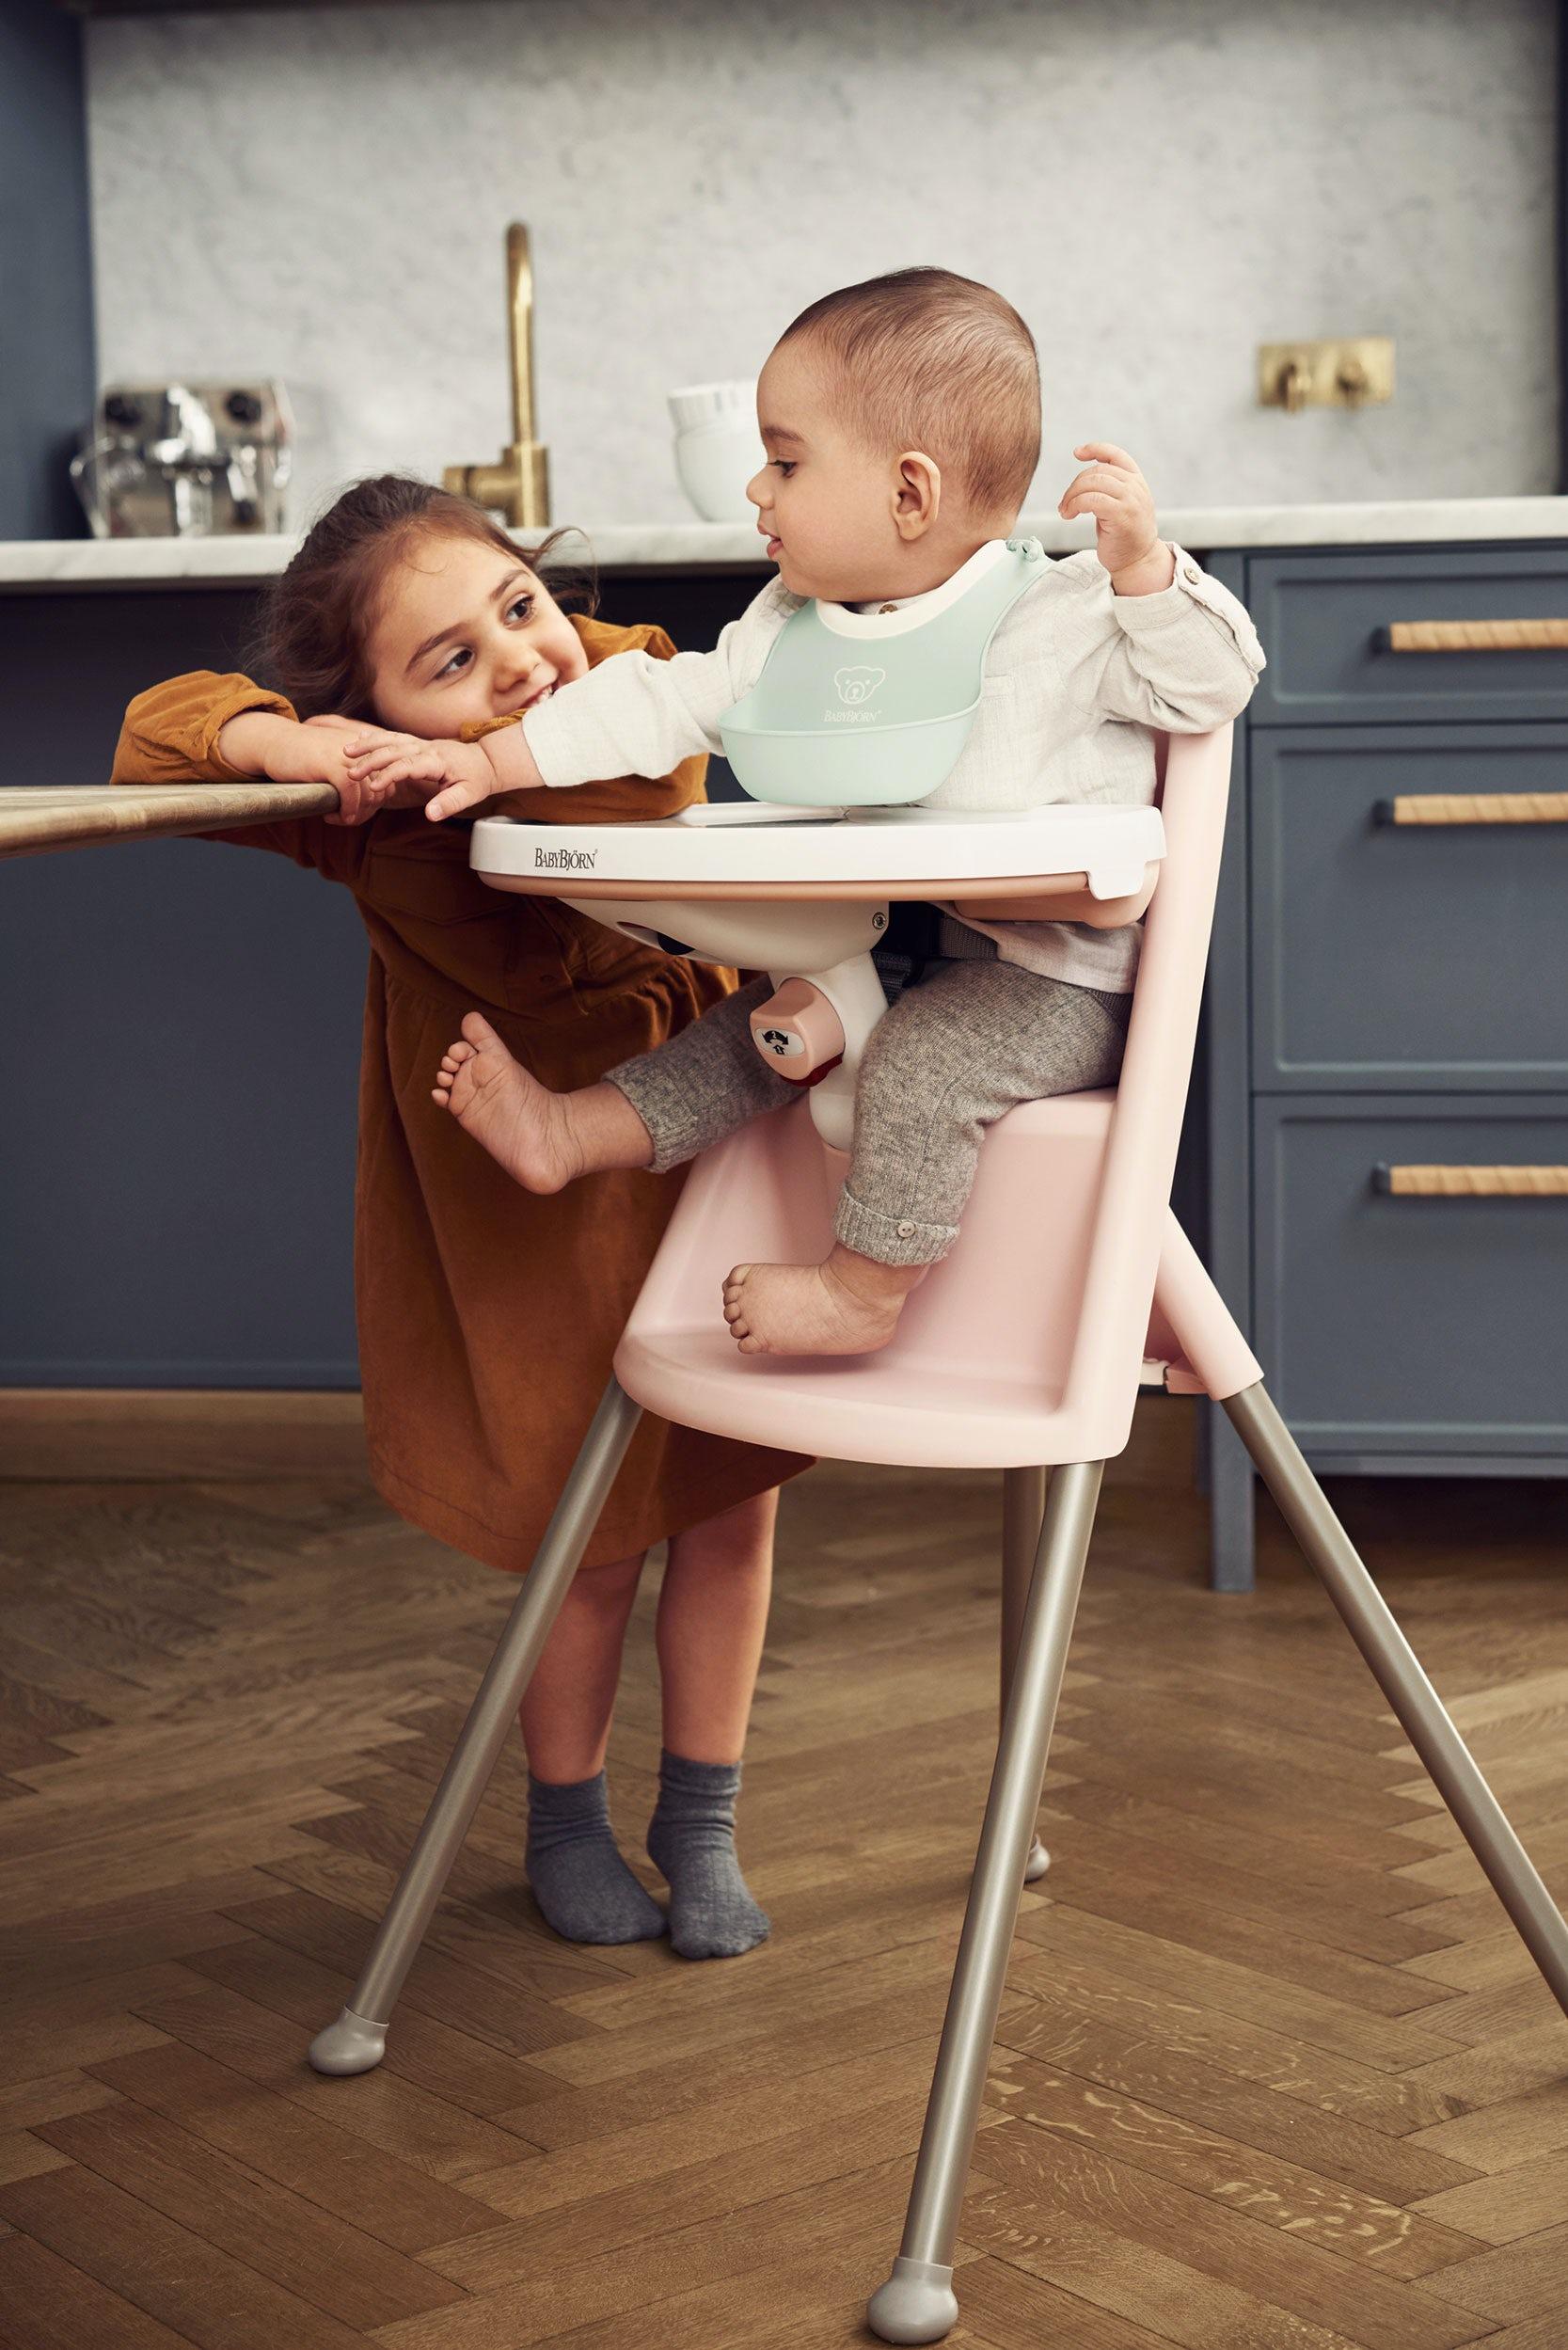 כיסא אוכל גבוה בייבי ביורן - כיסא אוכל נוח בעיצוב בטוח